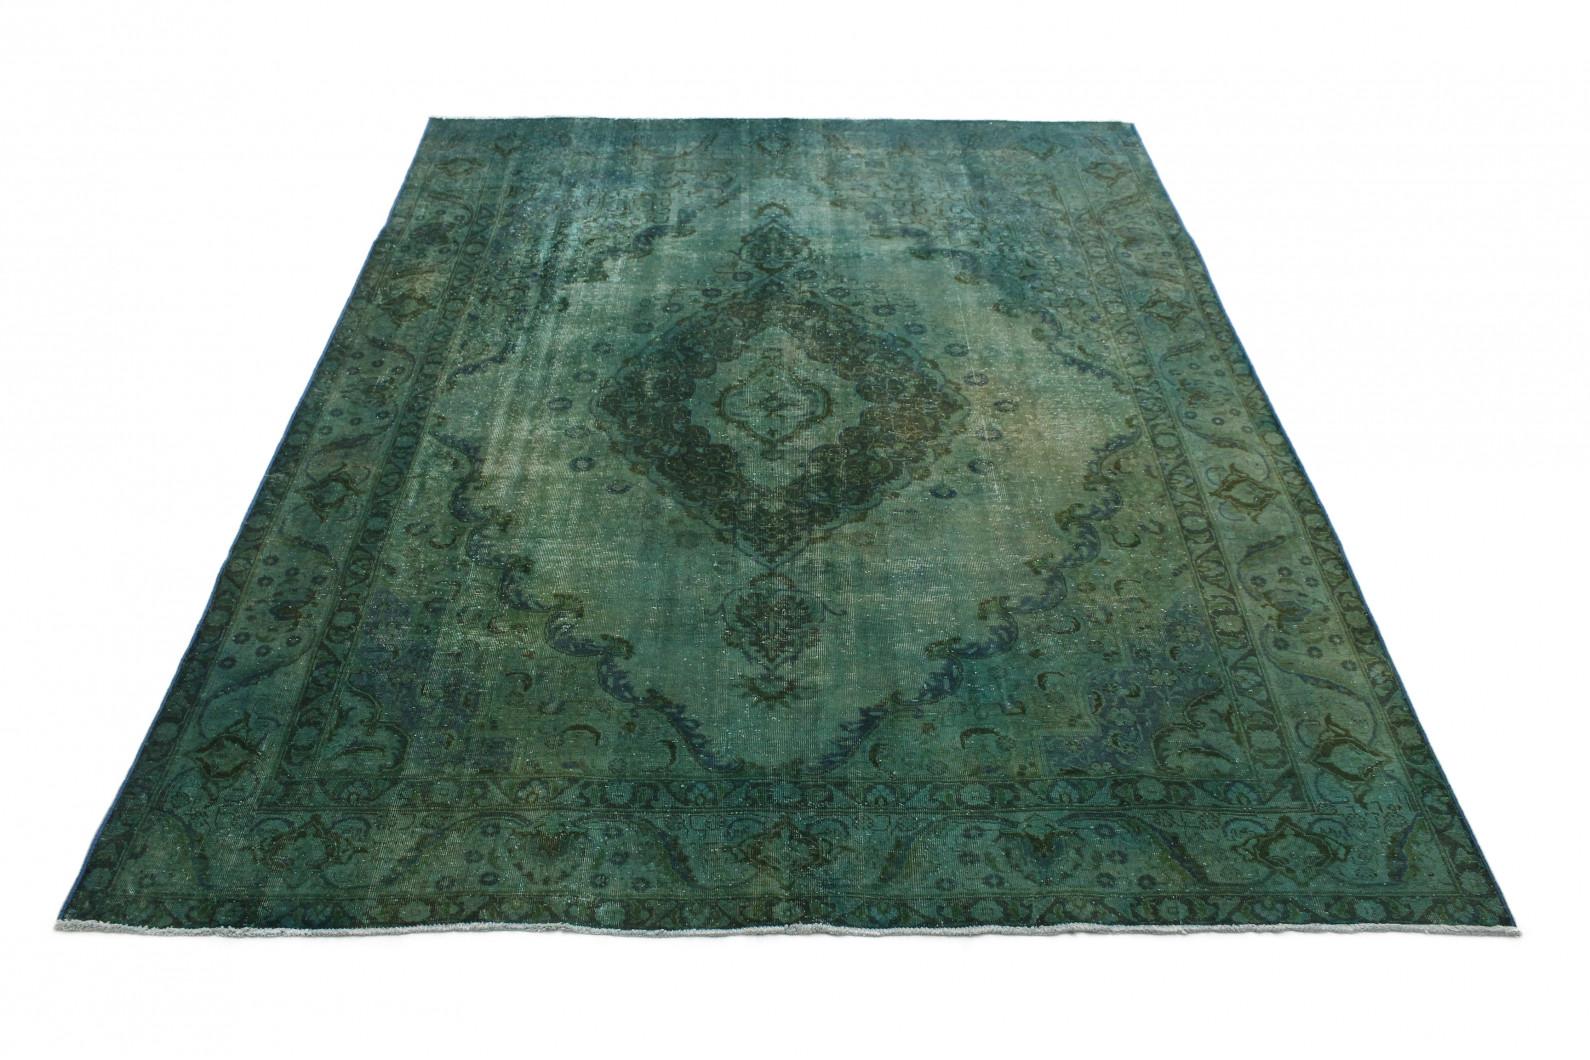 Vintage Teppich Grün in 380x280cm (1 / 4)